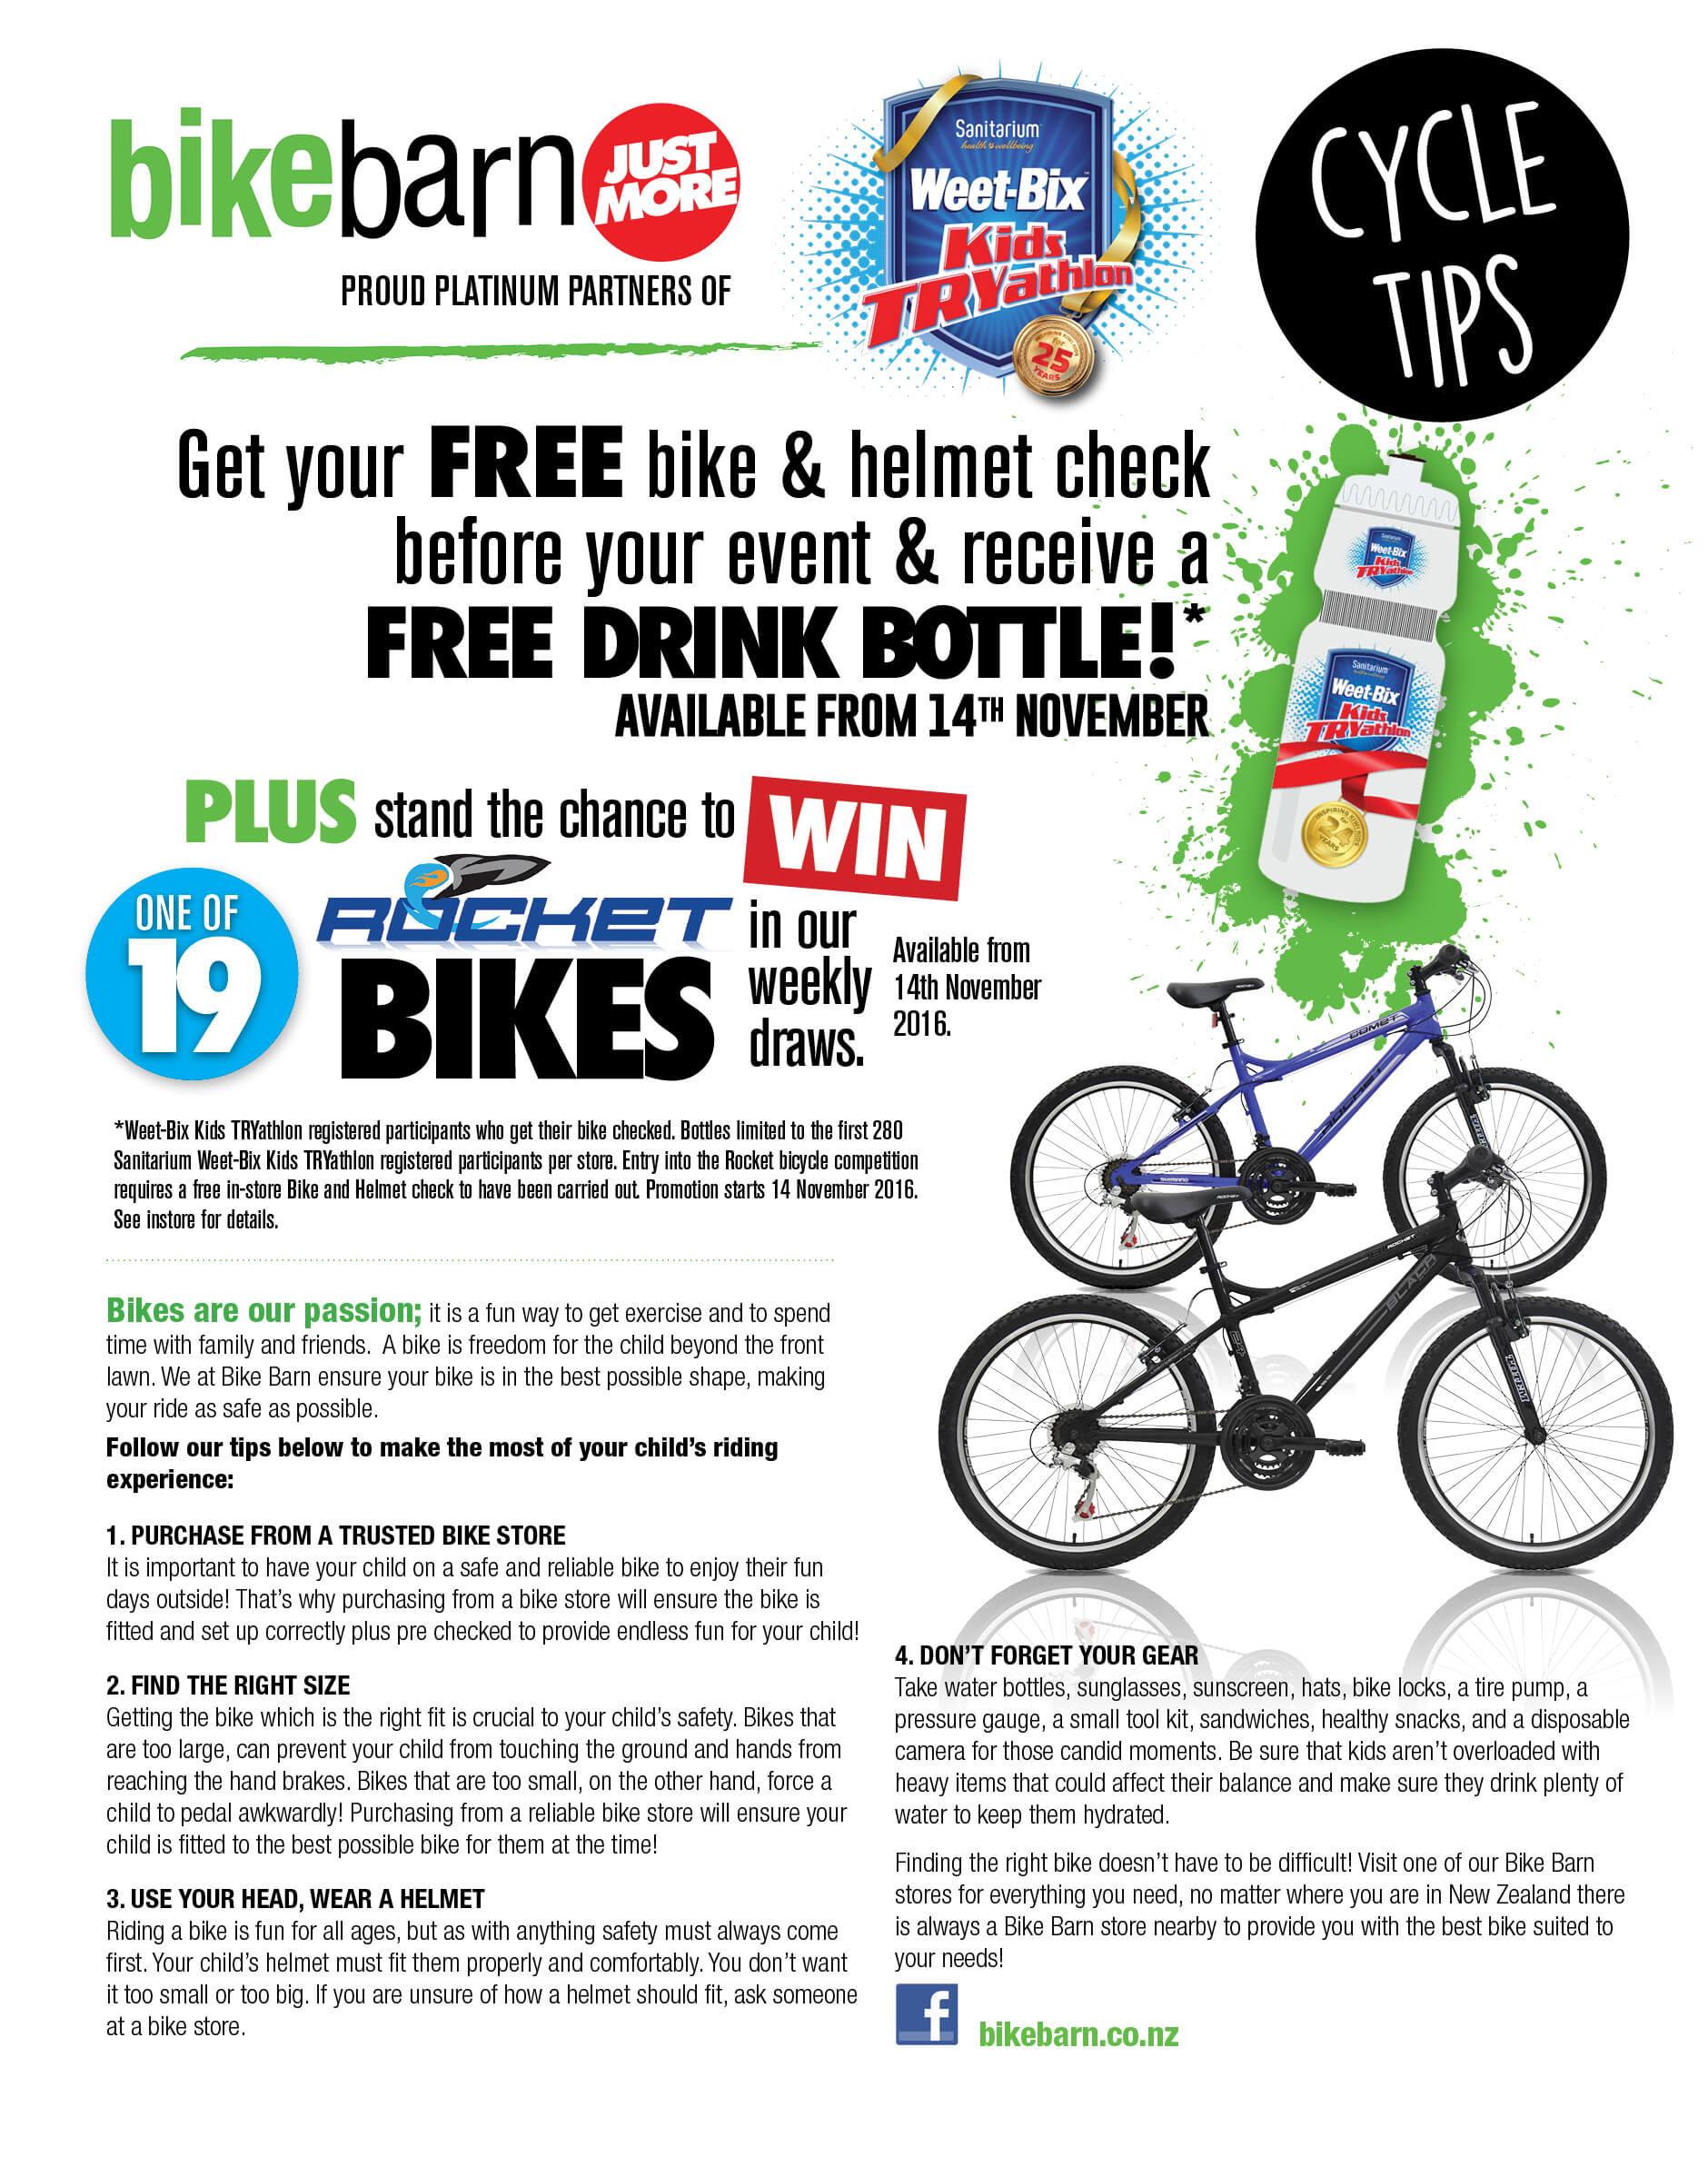 Bikebarn Cycling Tips Sanitarium Weet Bix Kids Tryathlon